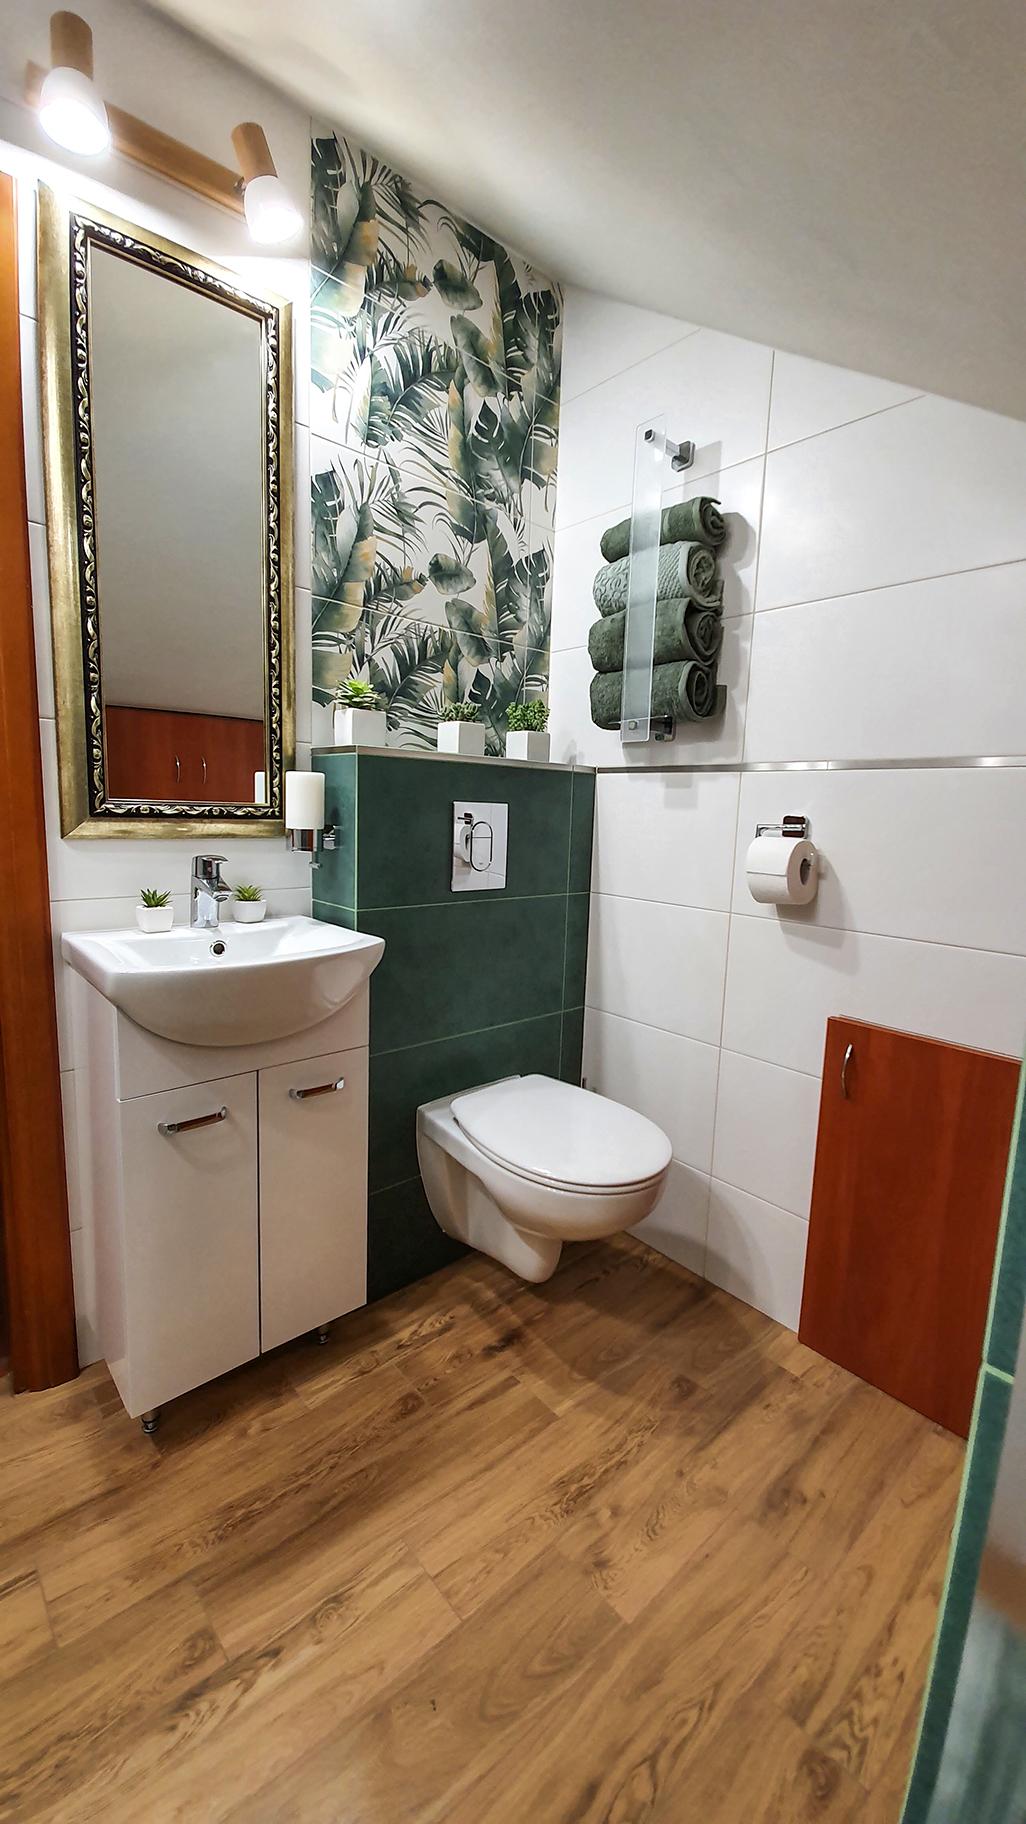 łazienka inspiracje, pomysły na małą łazienkę, burano green, tubadzin, dekory do łazienki, metamorfoza małej łazienki.